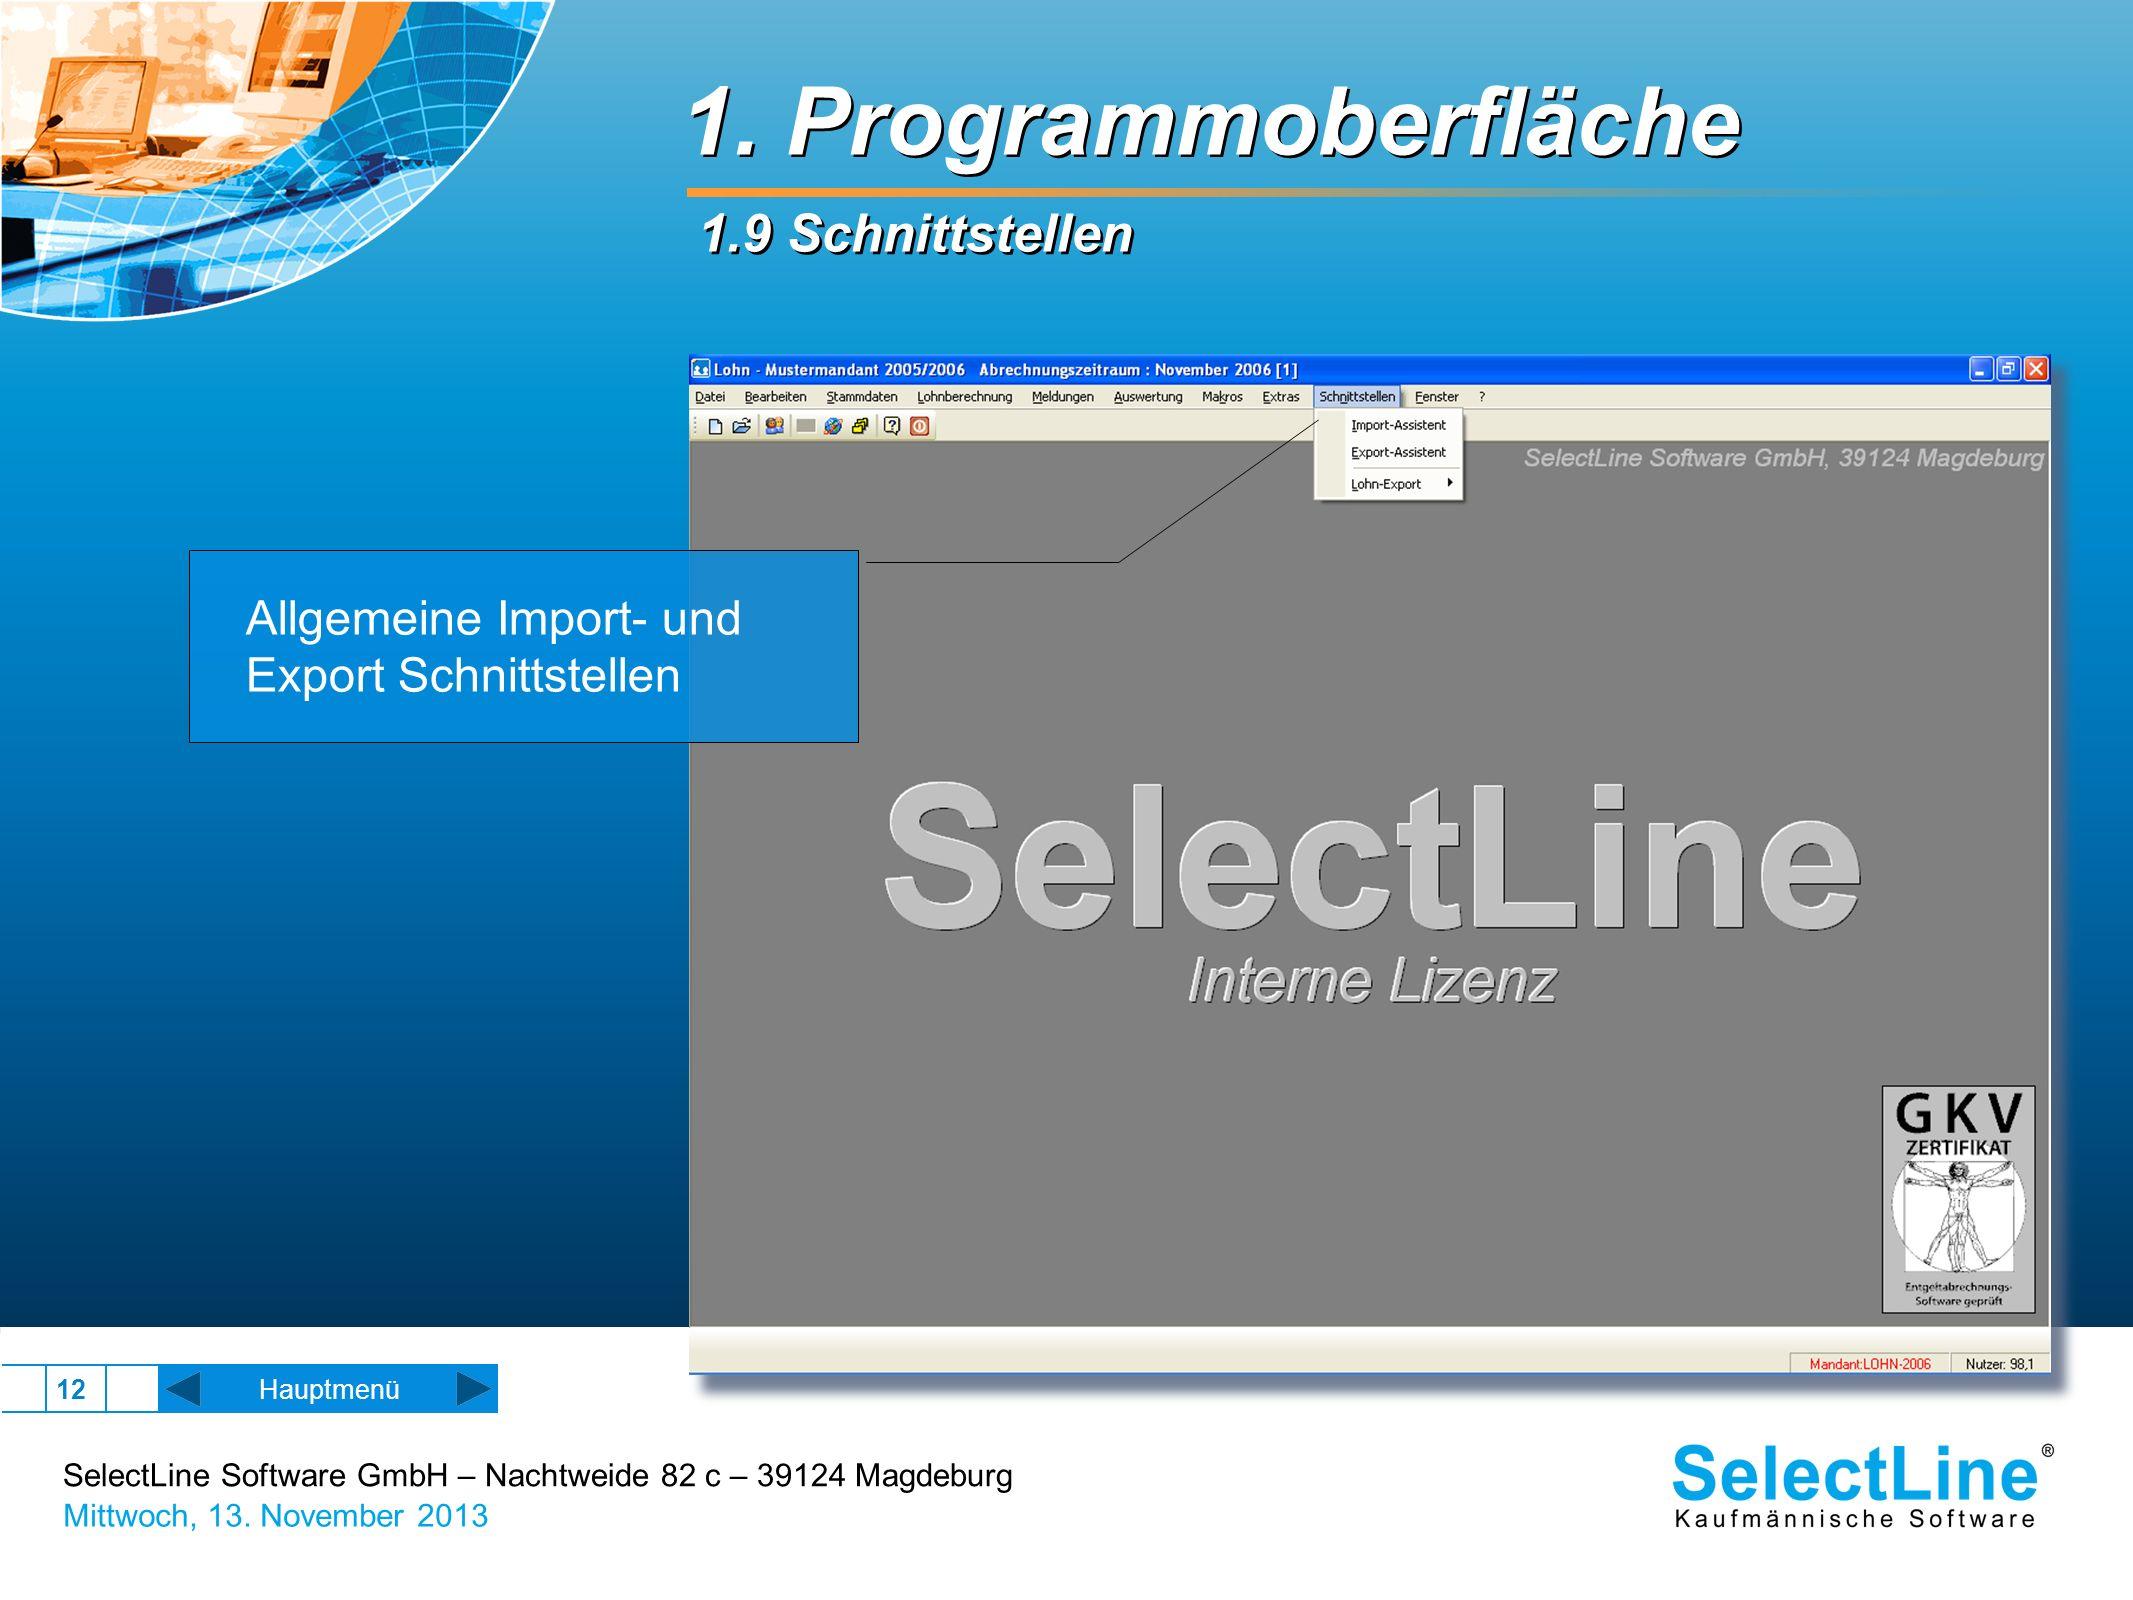 SelectLine Software GmbH – Nachtweide 82 c – 39124 Magdeburg Mittwoch, 13. November 2013 12 1. Programmoberfläche 1.9 Schnittstellen Hauptmenü Allgeme